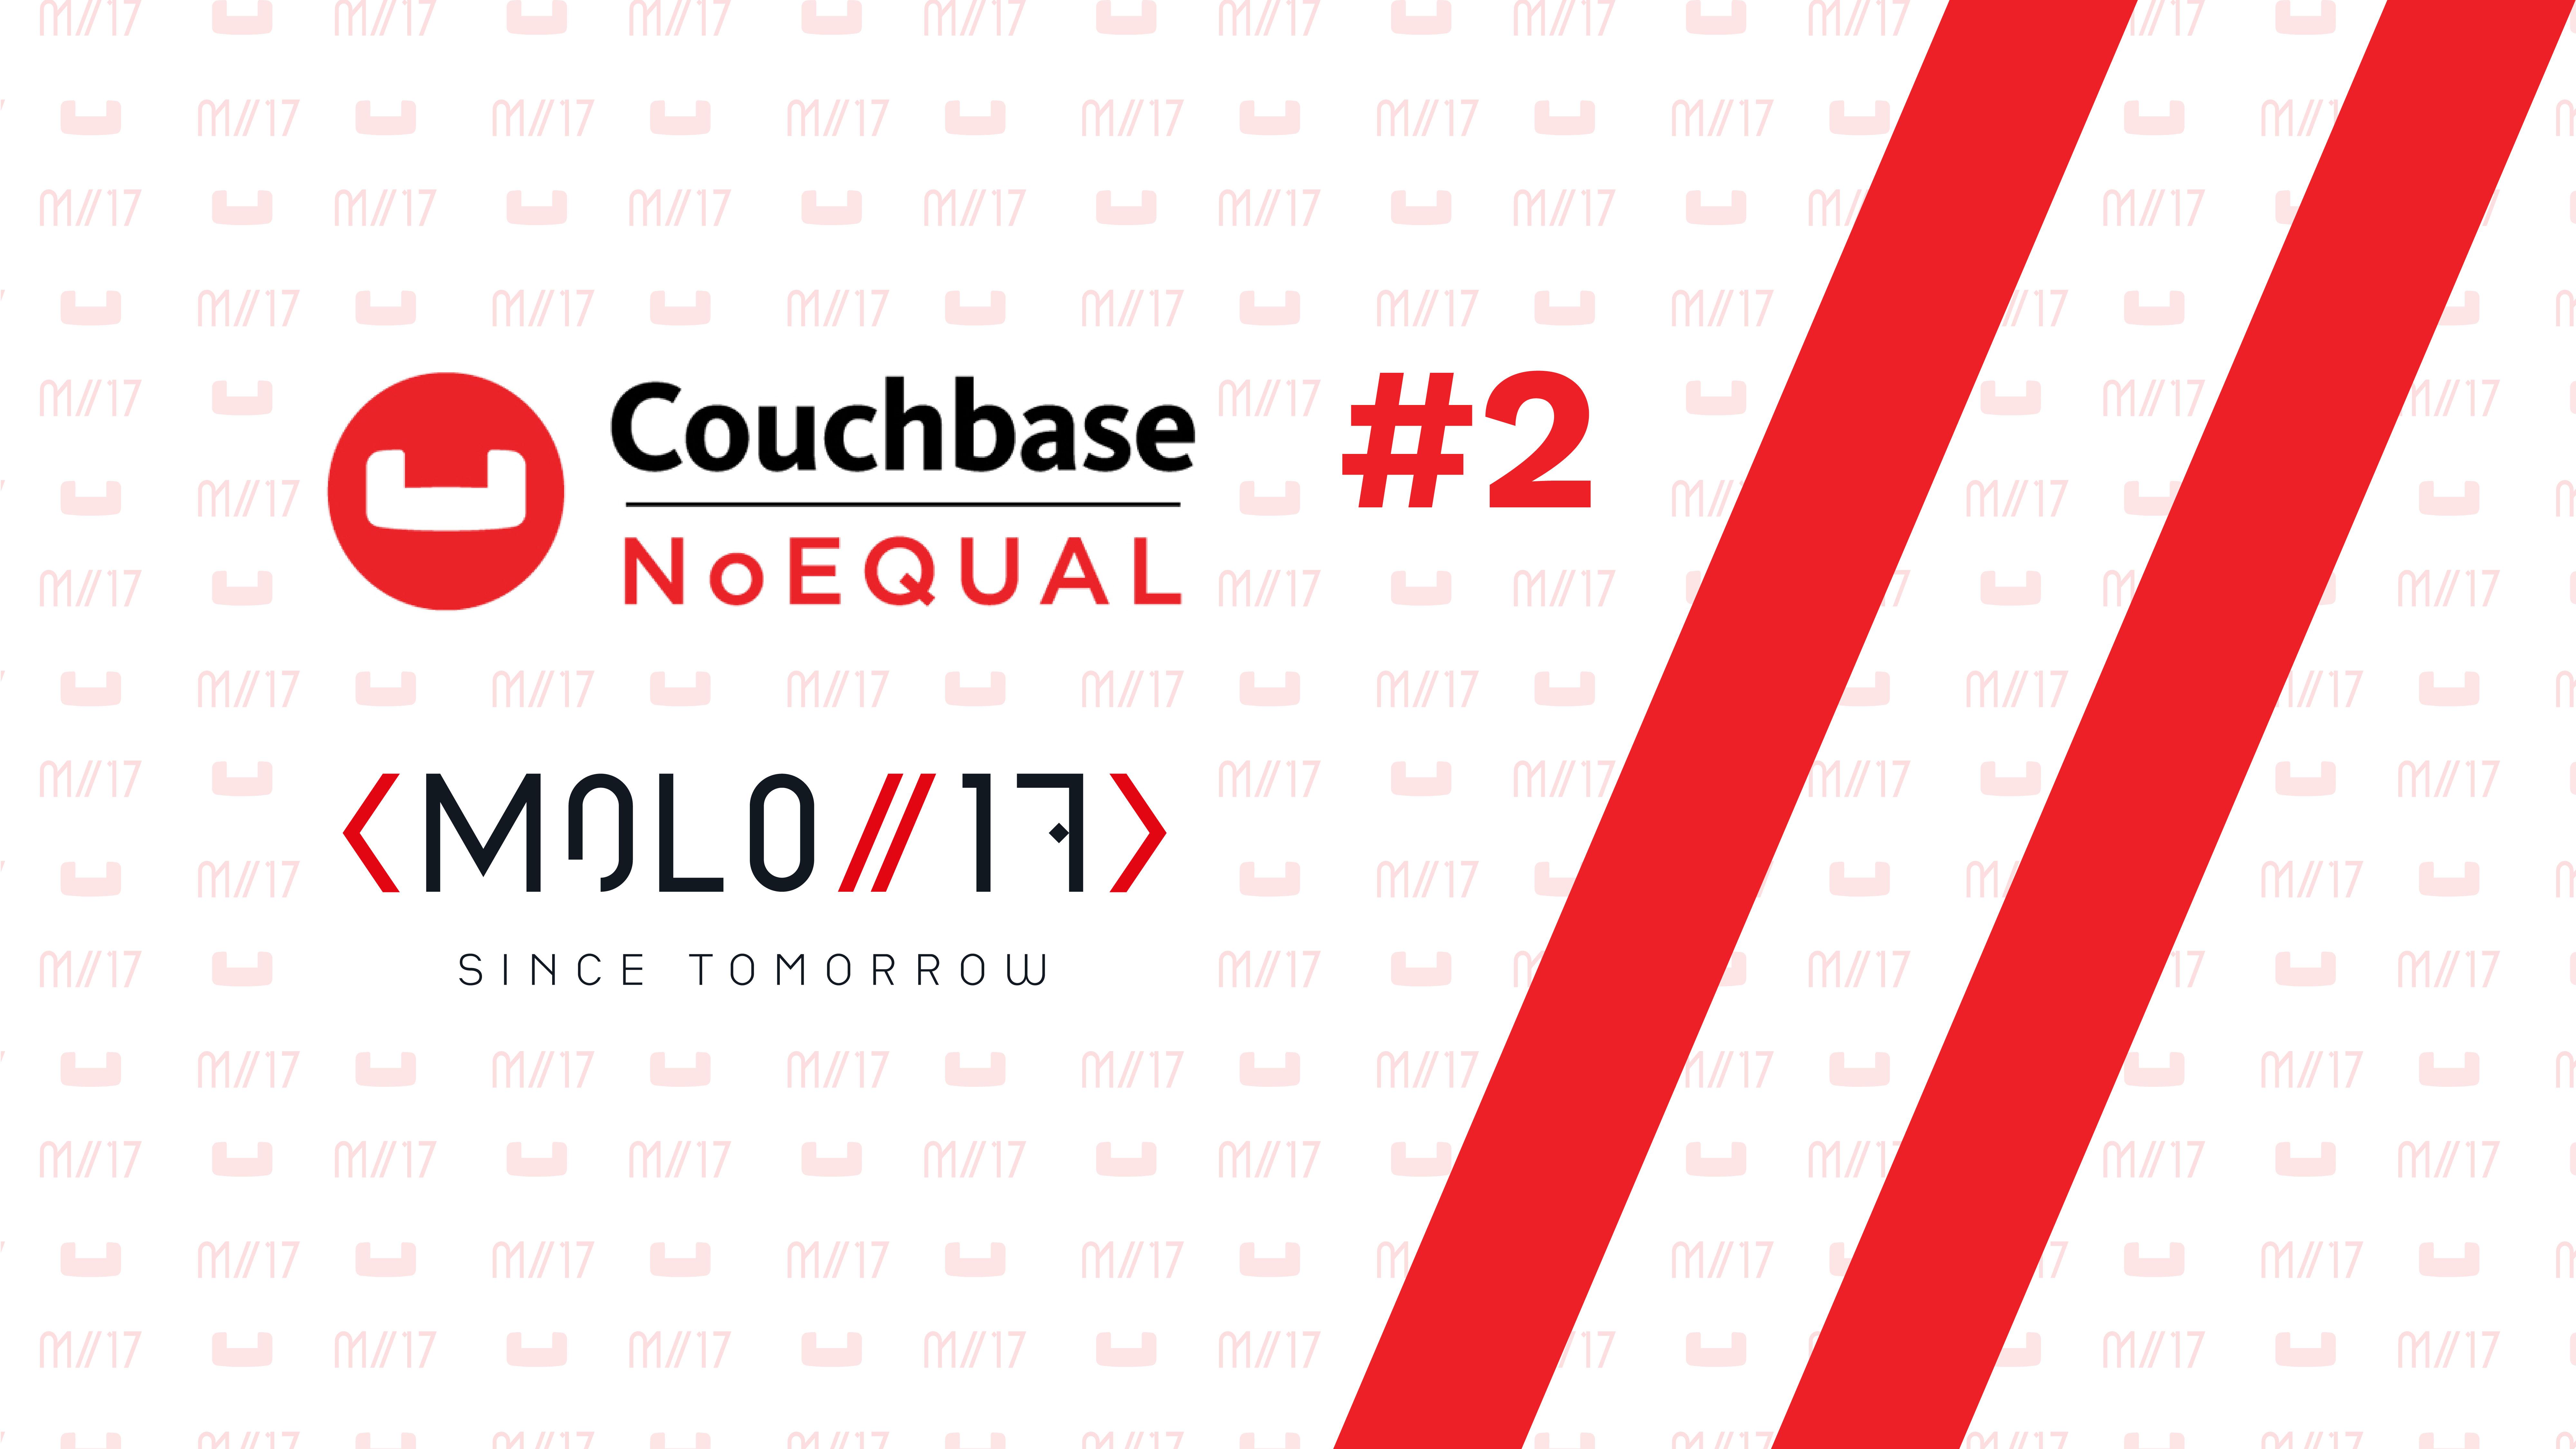 Couchbase #2